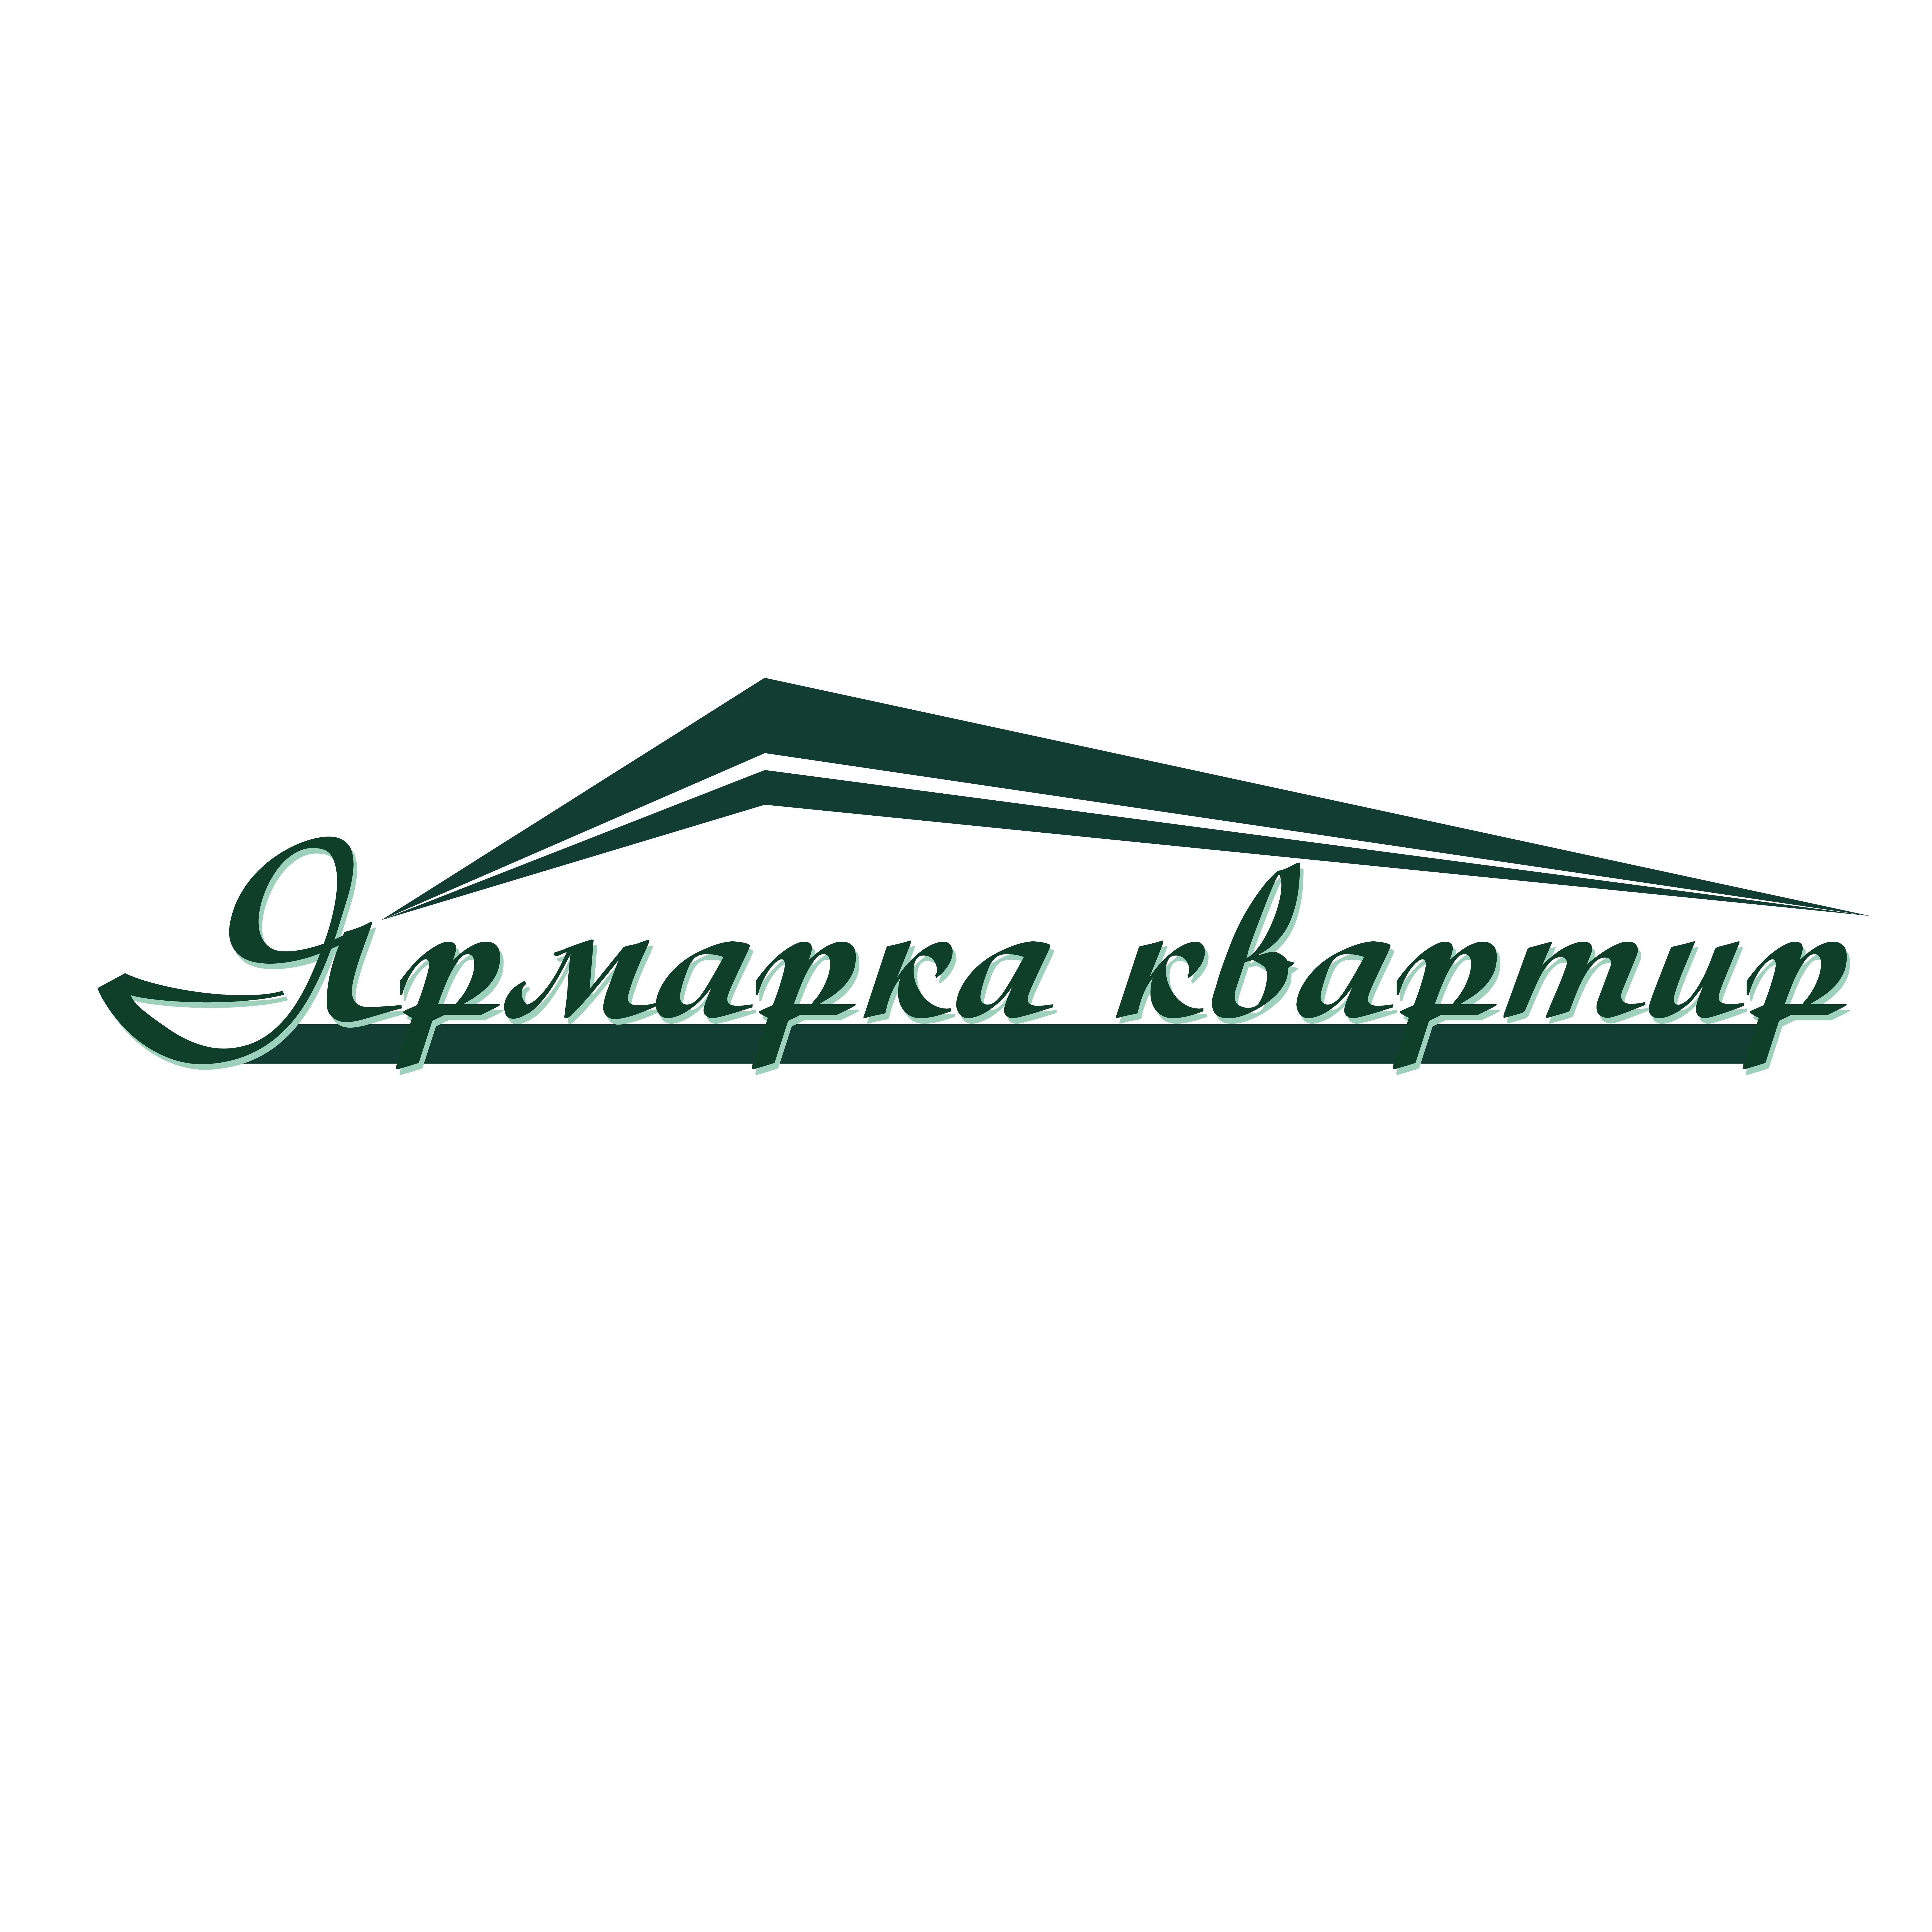 Создание логотипа, с вариантами для визитки и листовки фото f_75960058552976c6.jpg